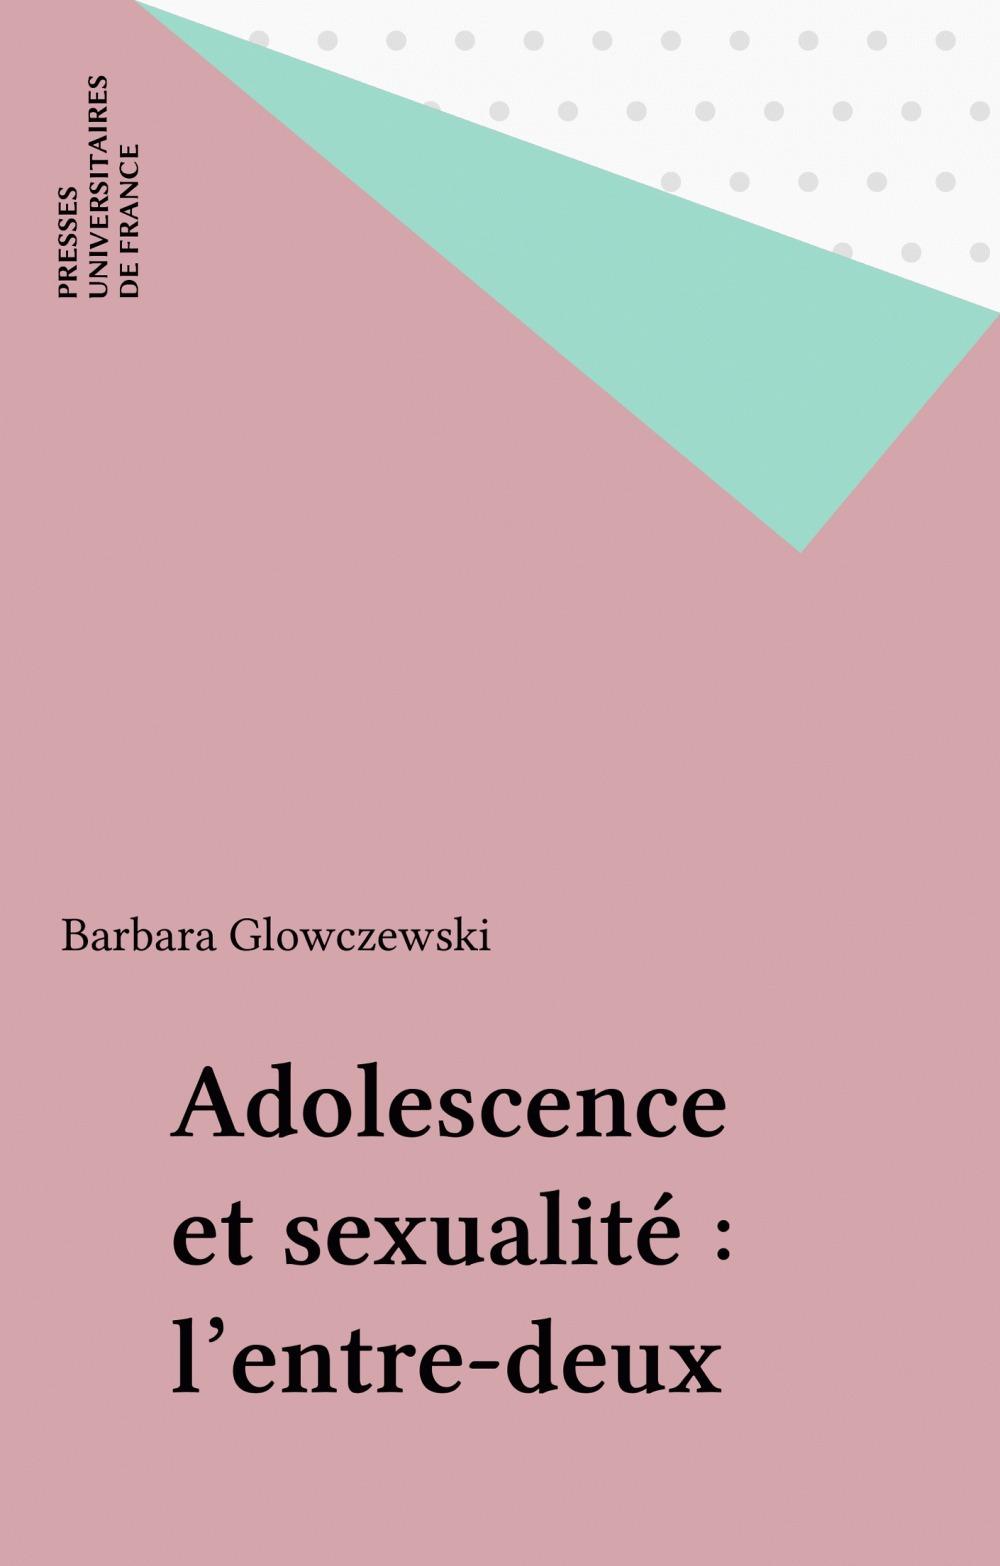 Adolescence et sexualité : l'entre-deux